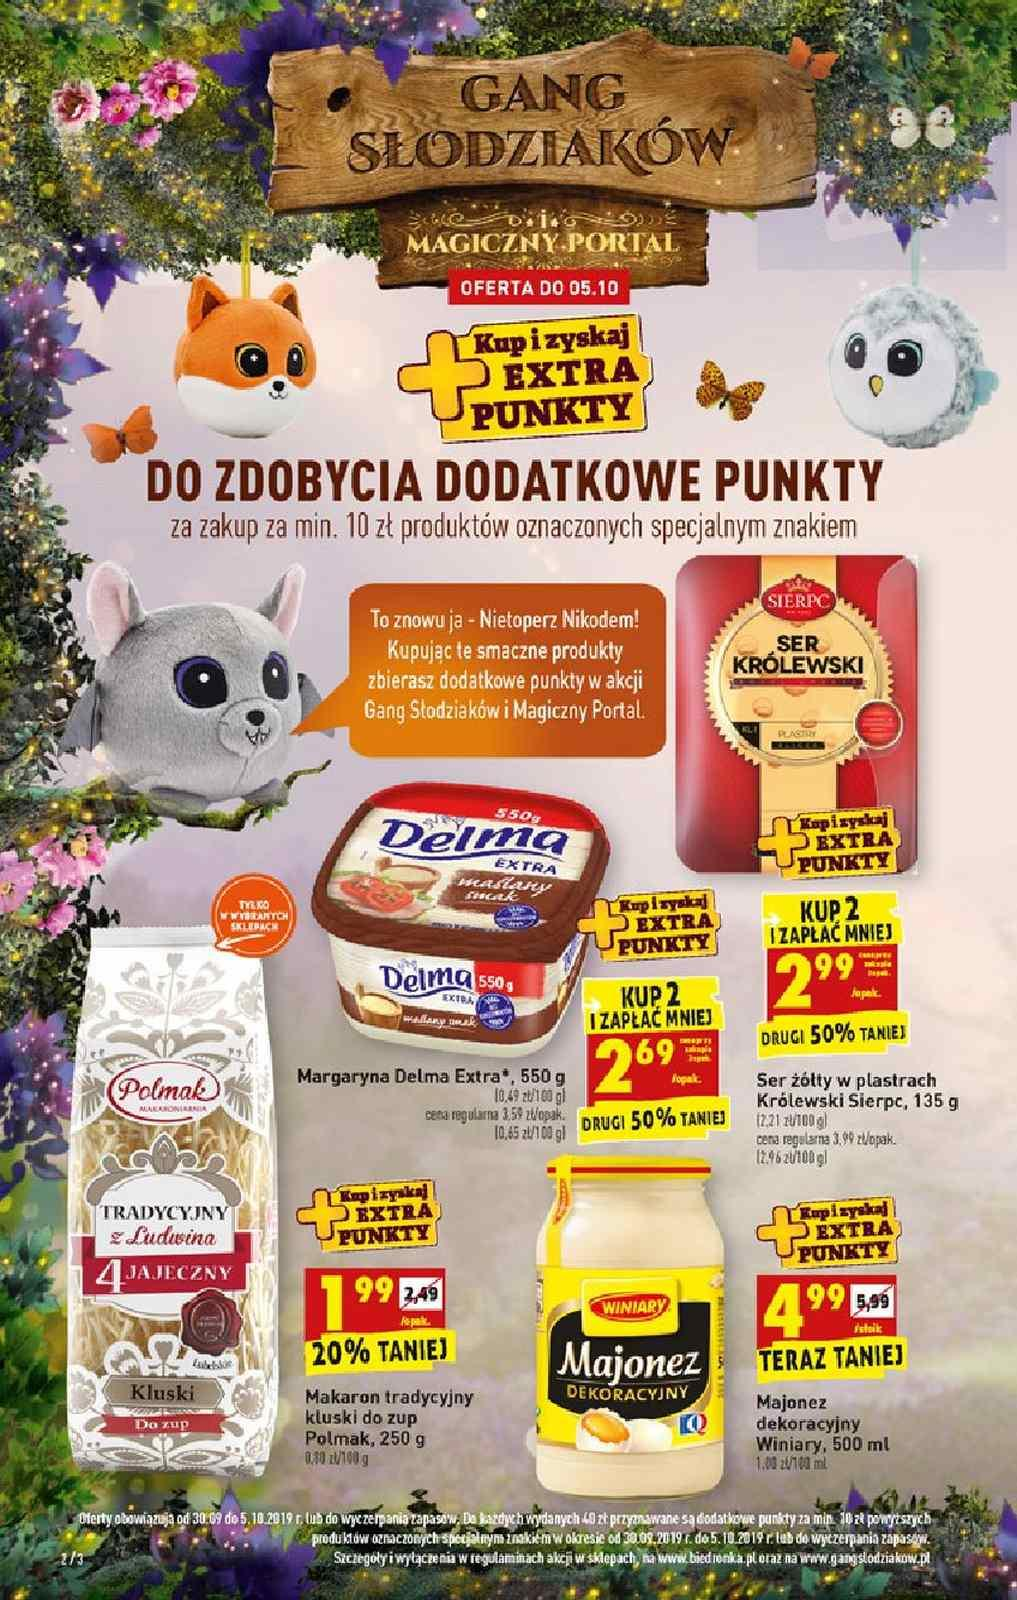 Gazetka promocyjna Biedronka do 09/10/2019 str.1